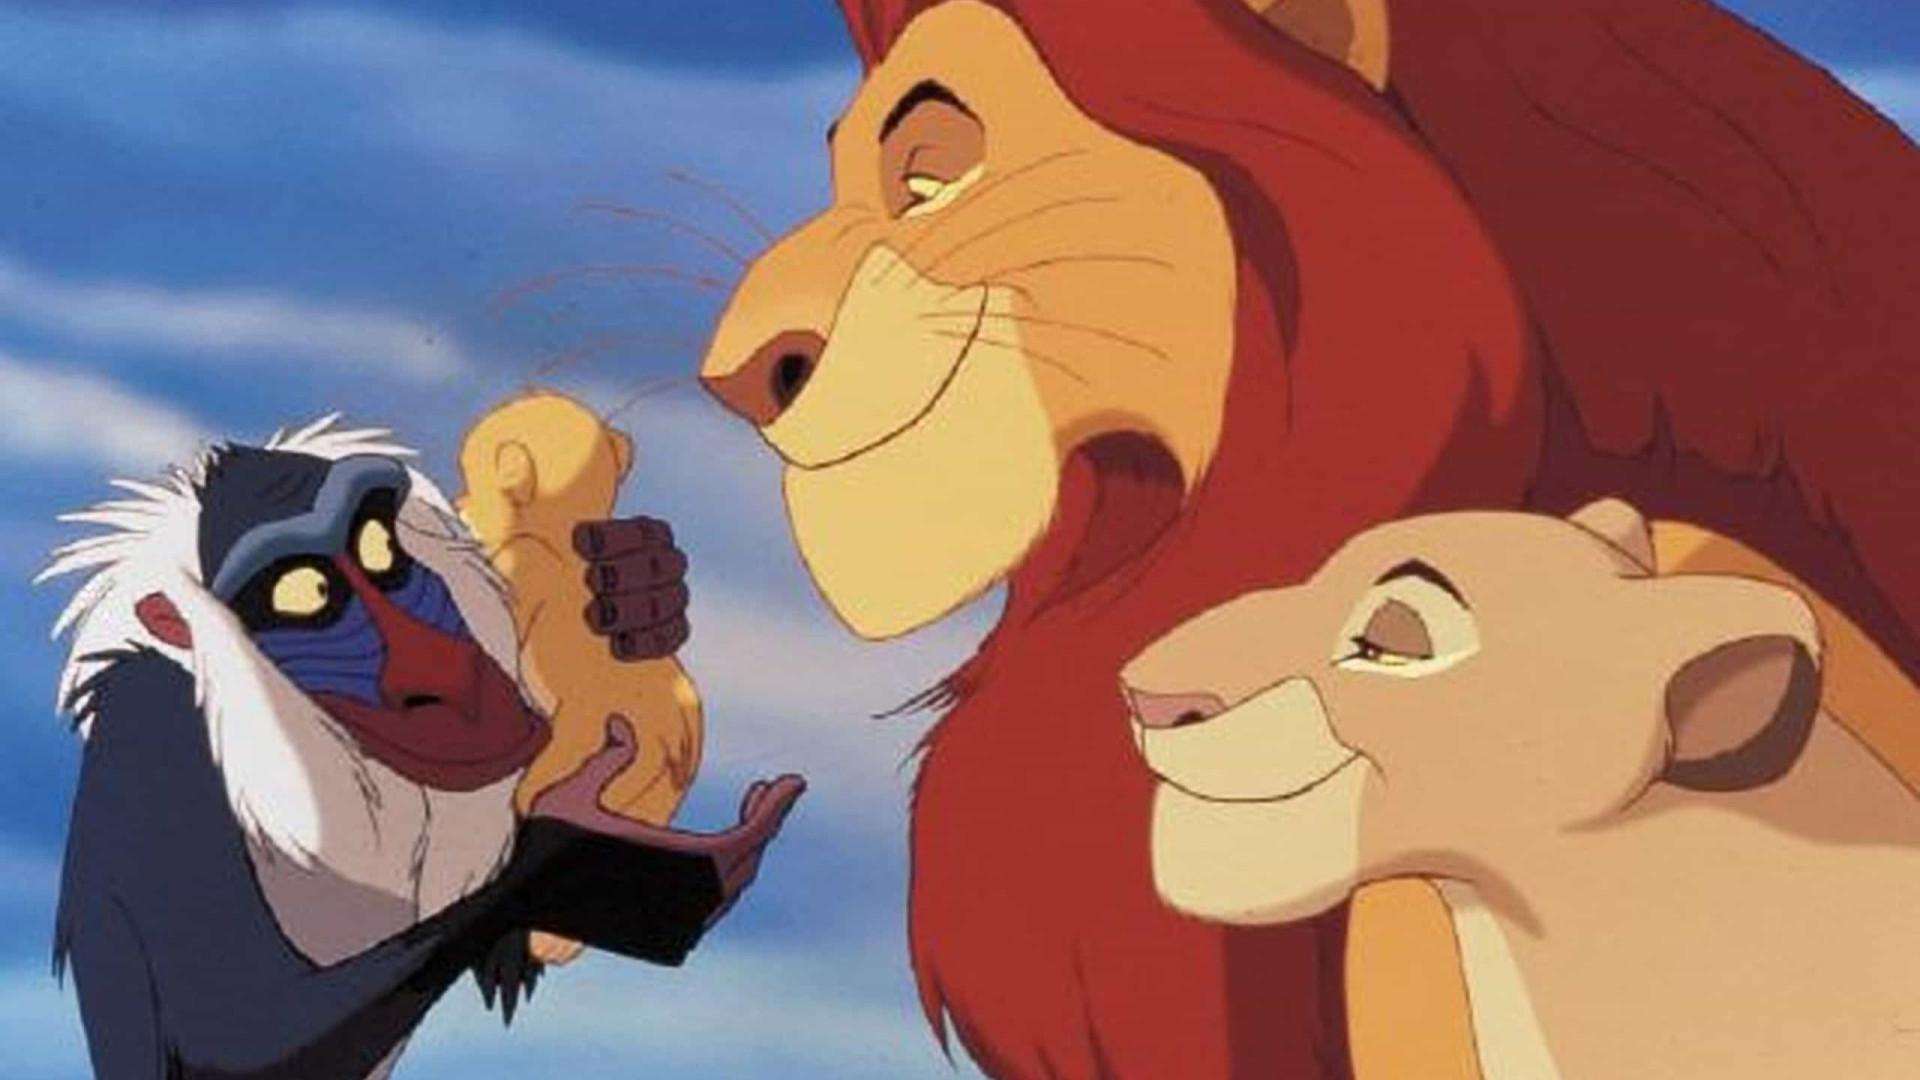 25 anos: veja quem está no remake e o elenco do original 'O Rei Leão'